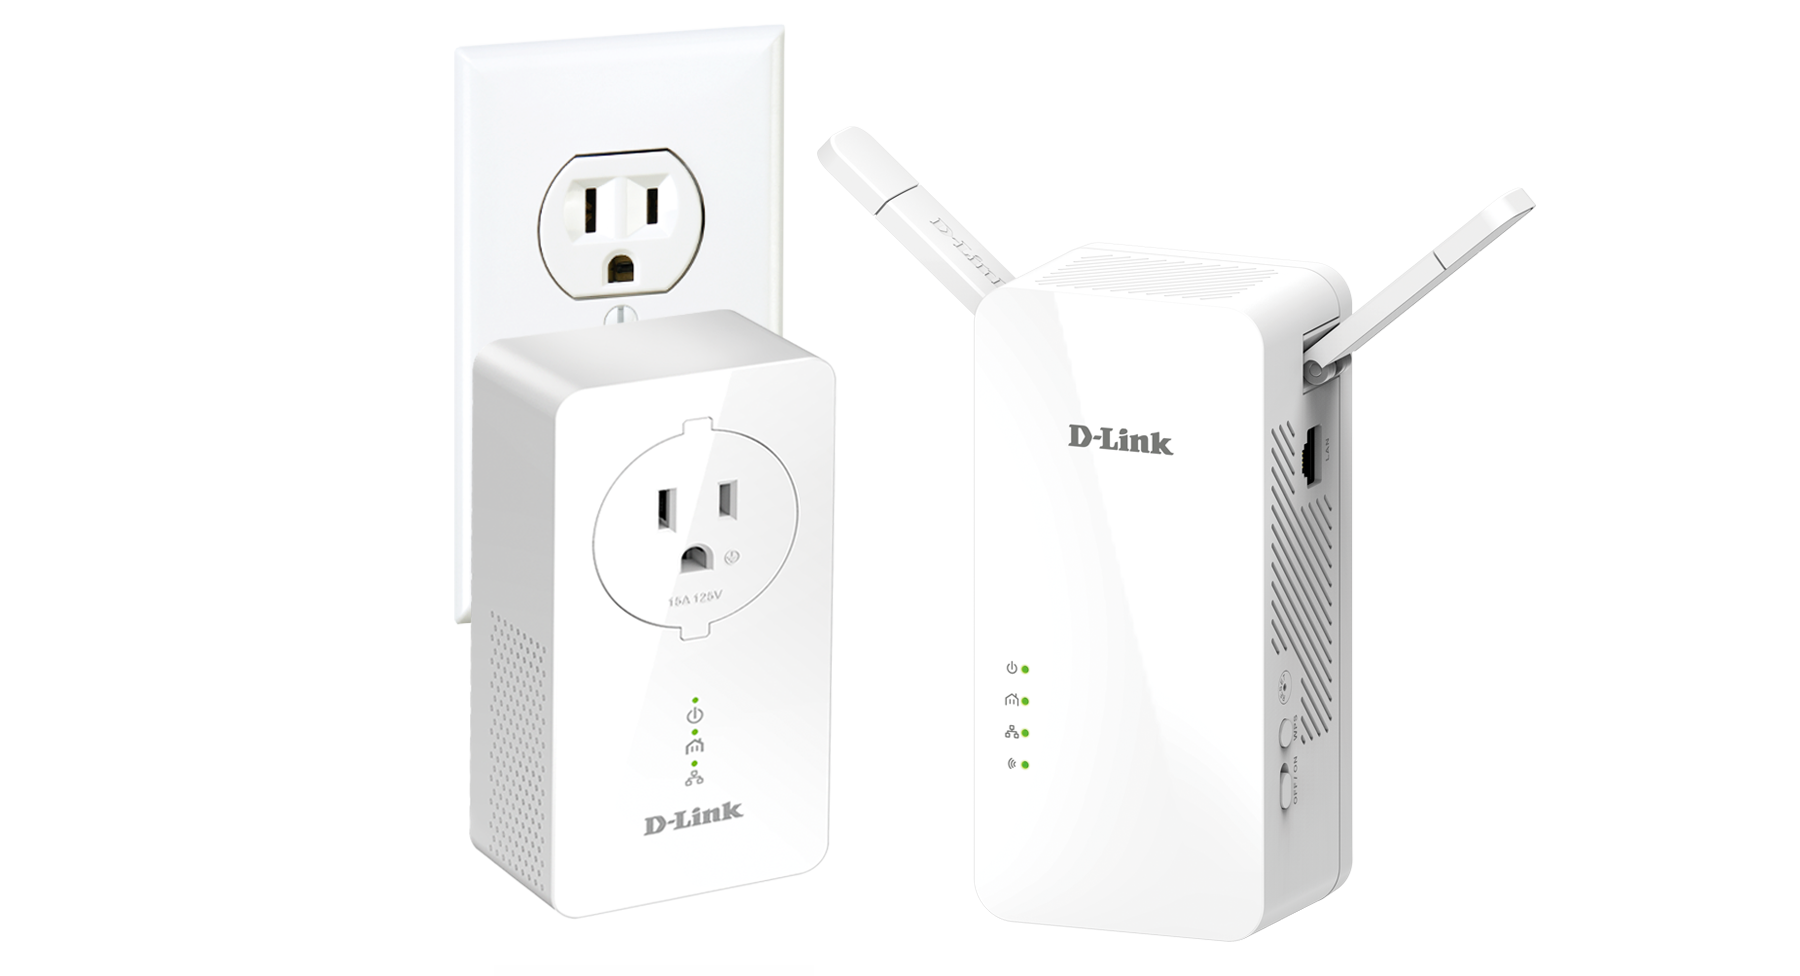 D-LINK Powerline AV2 Wireless AC1200 Starter Kit